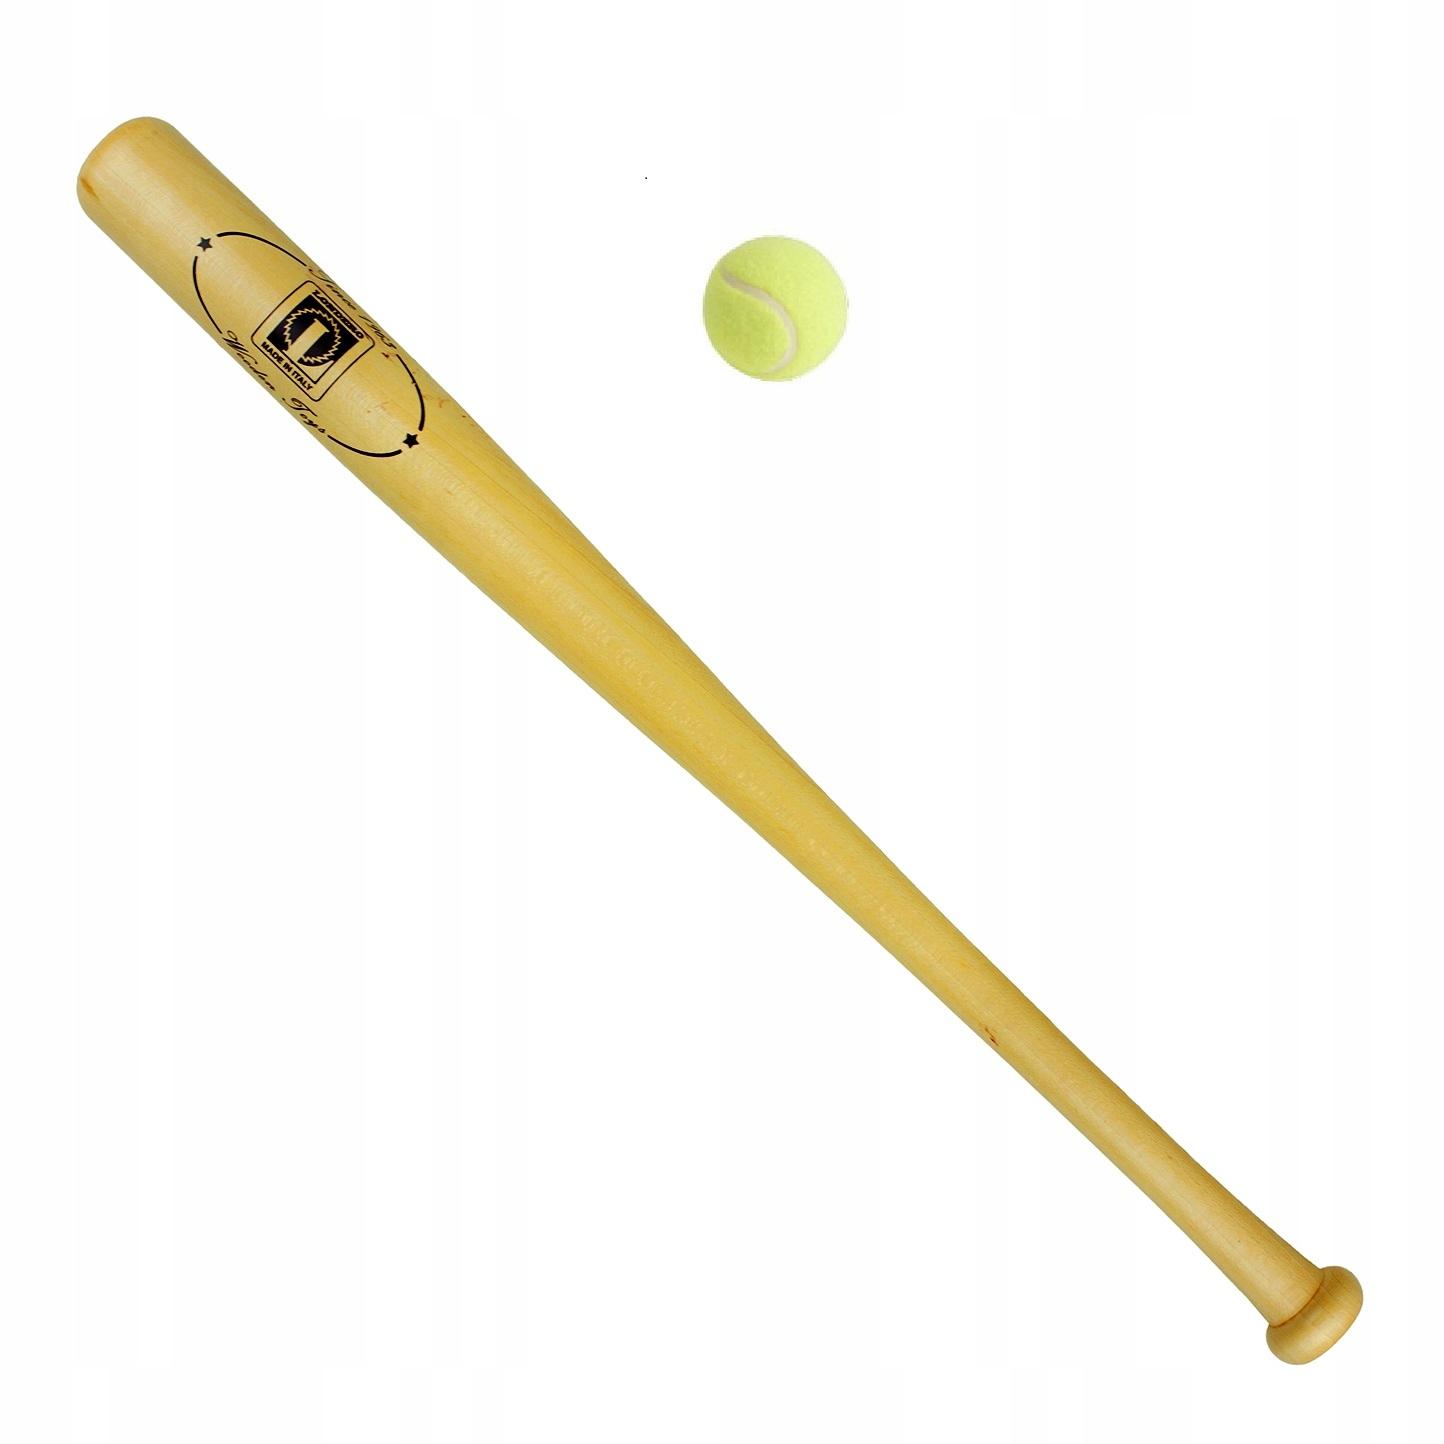 Drevená baseballová palica Londero 75 cm